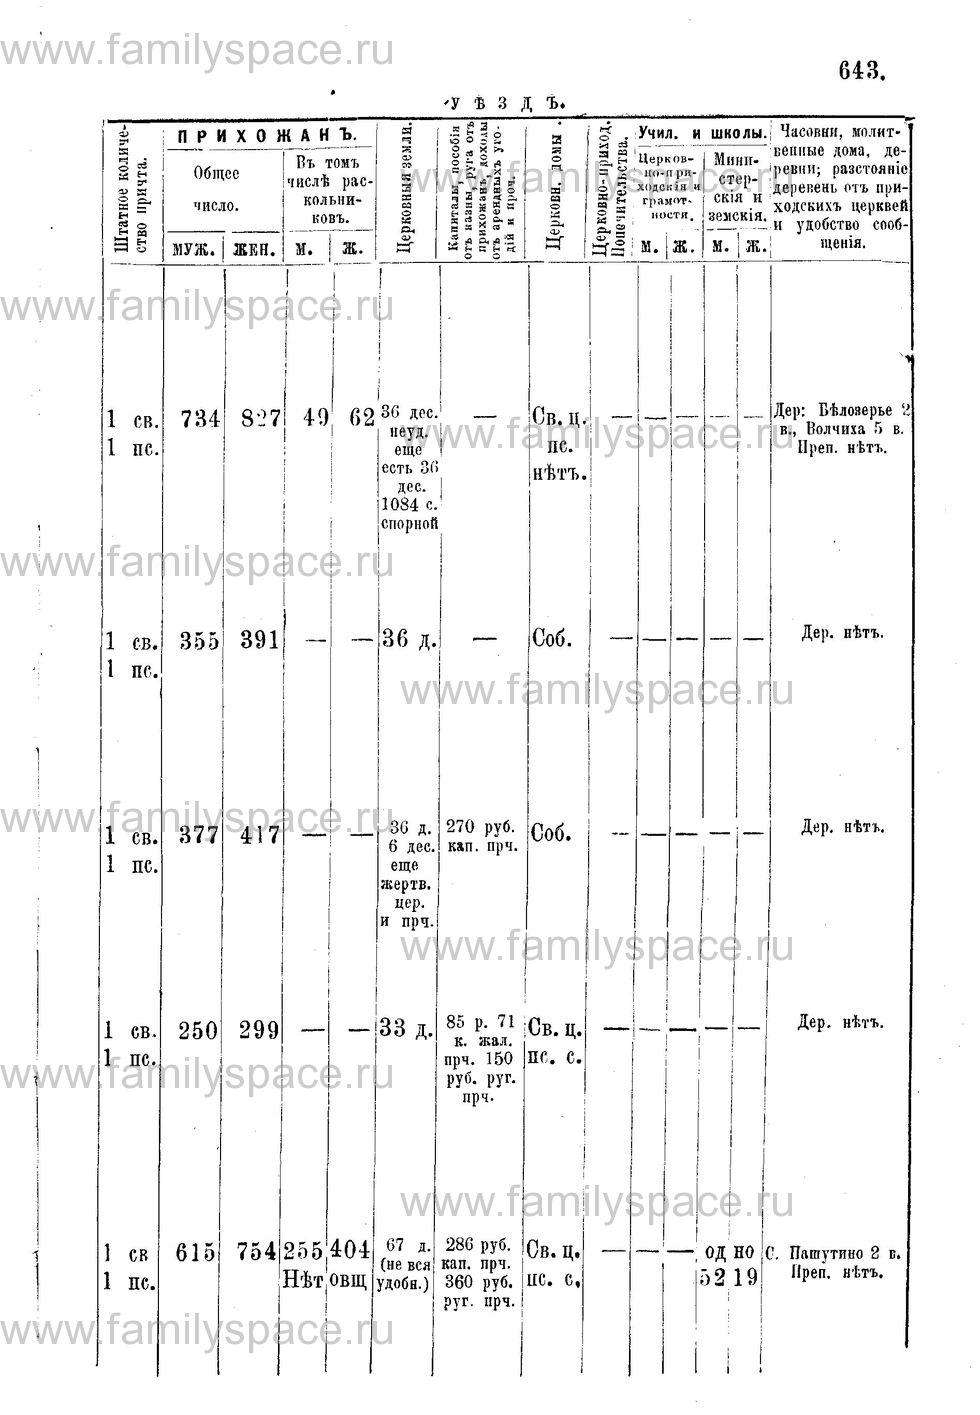 Поиск по фамилии - Адрес-календарь Нижегородской епархии на 1888 год, страница 1643